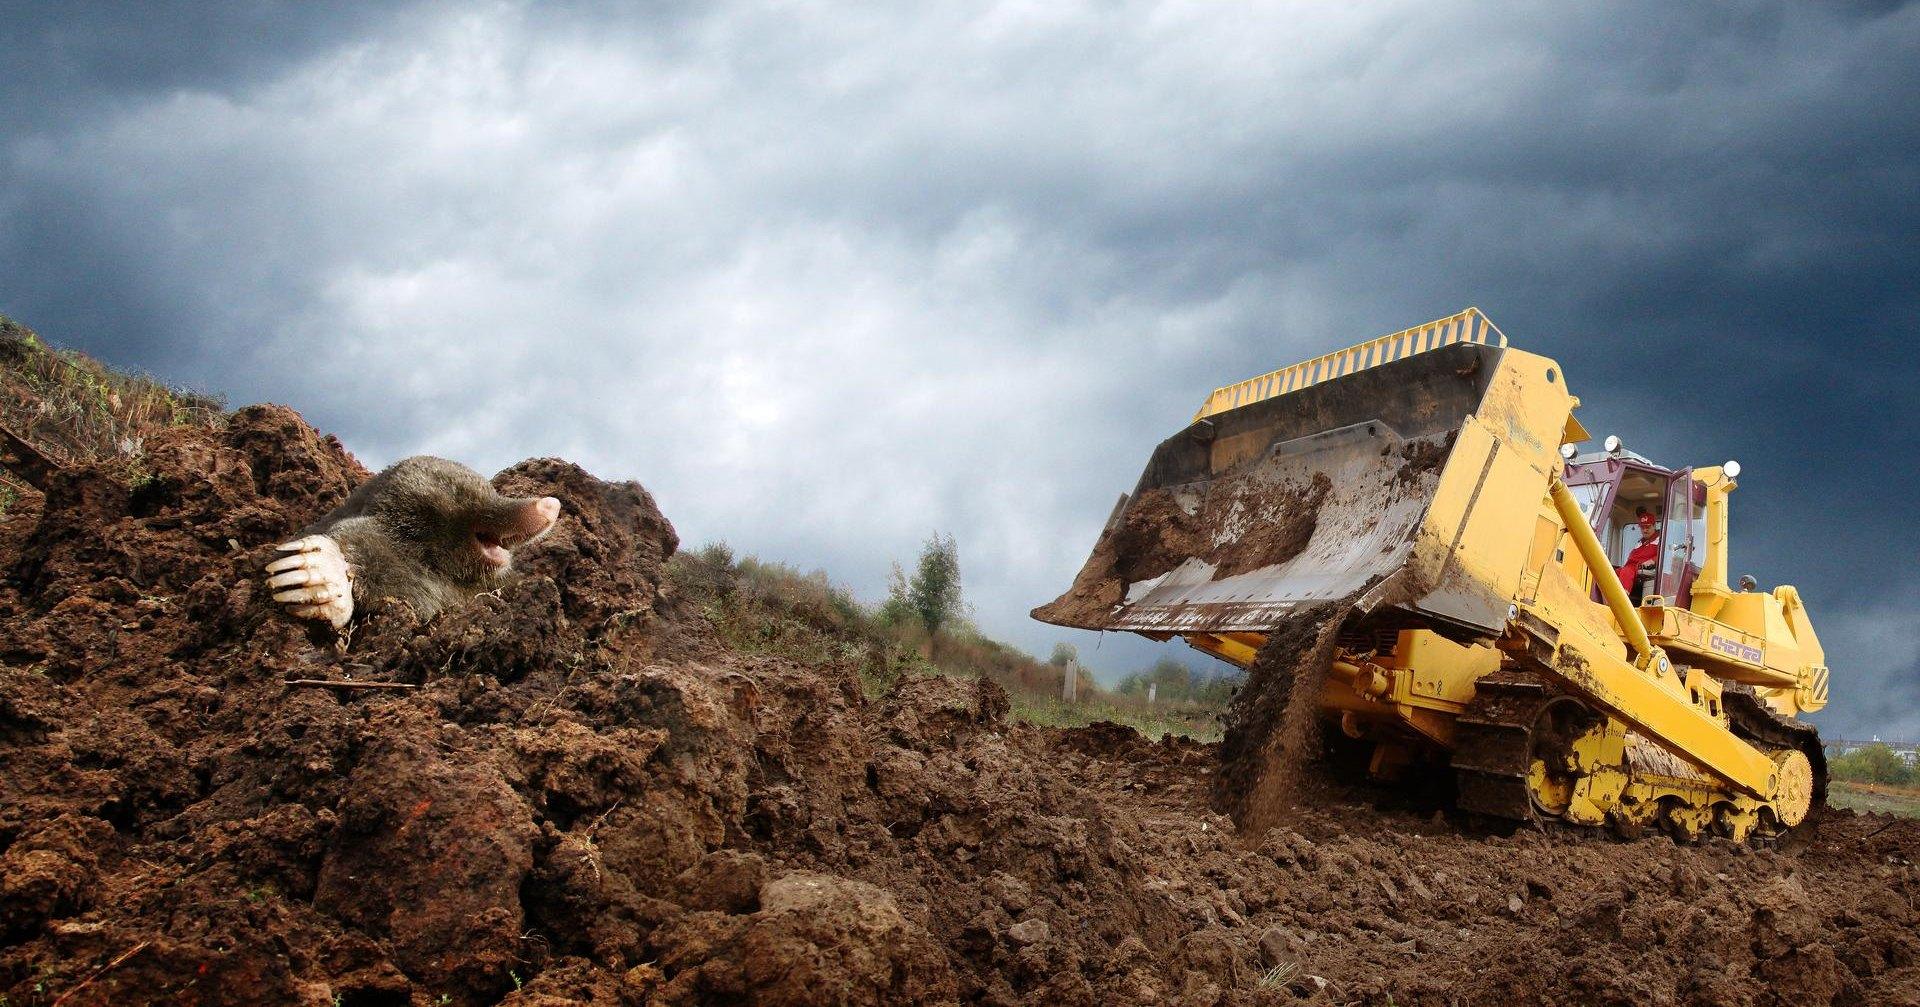 Властелин земли: самый тяжелый бульдозер